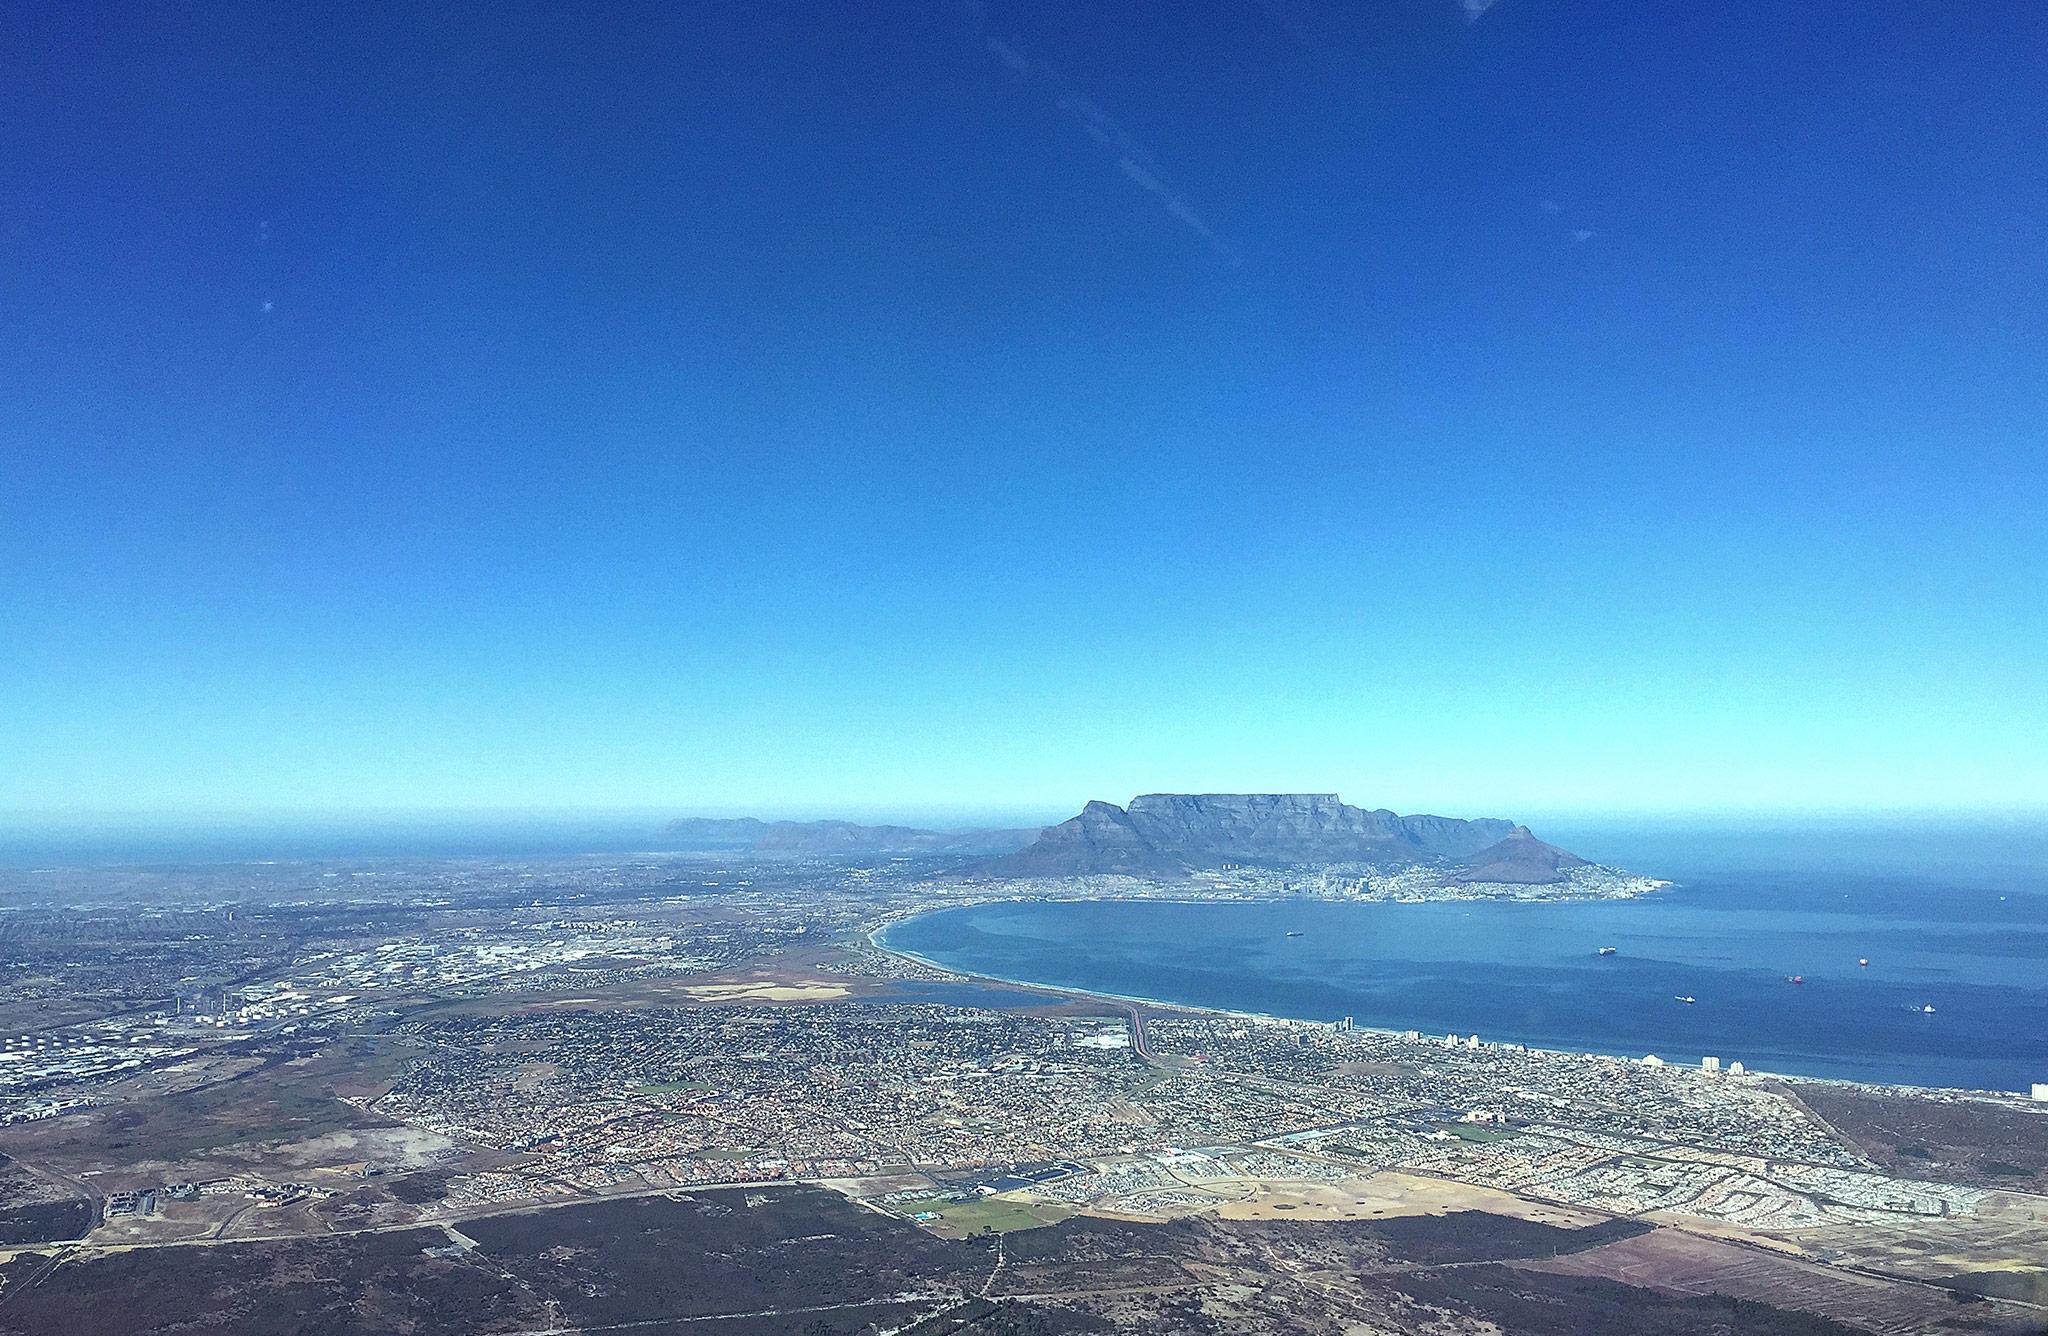 Südafrika Tafelberg aus dem Cockpit eines Flugzeugs fotografiert